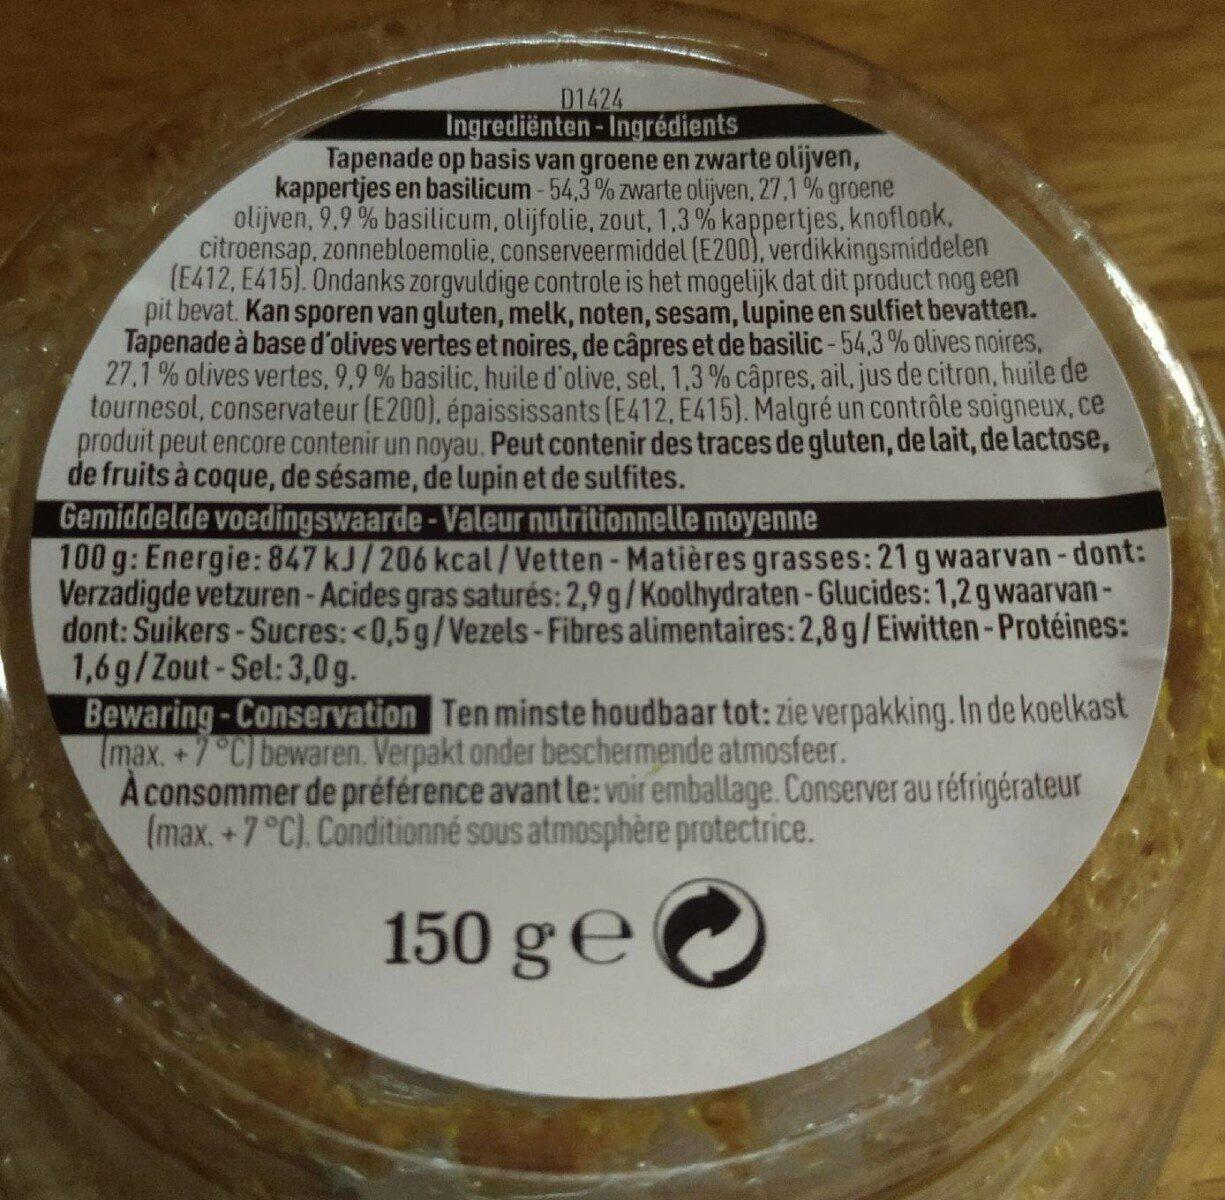 Tapenade olives vertes et noires - Informations nutritionnelles